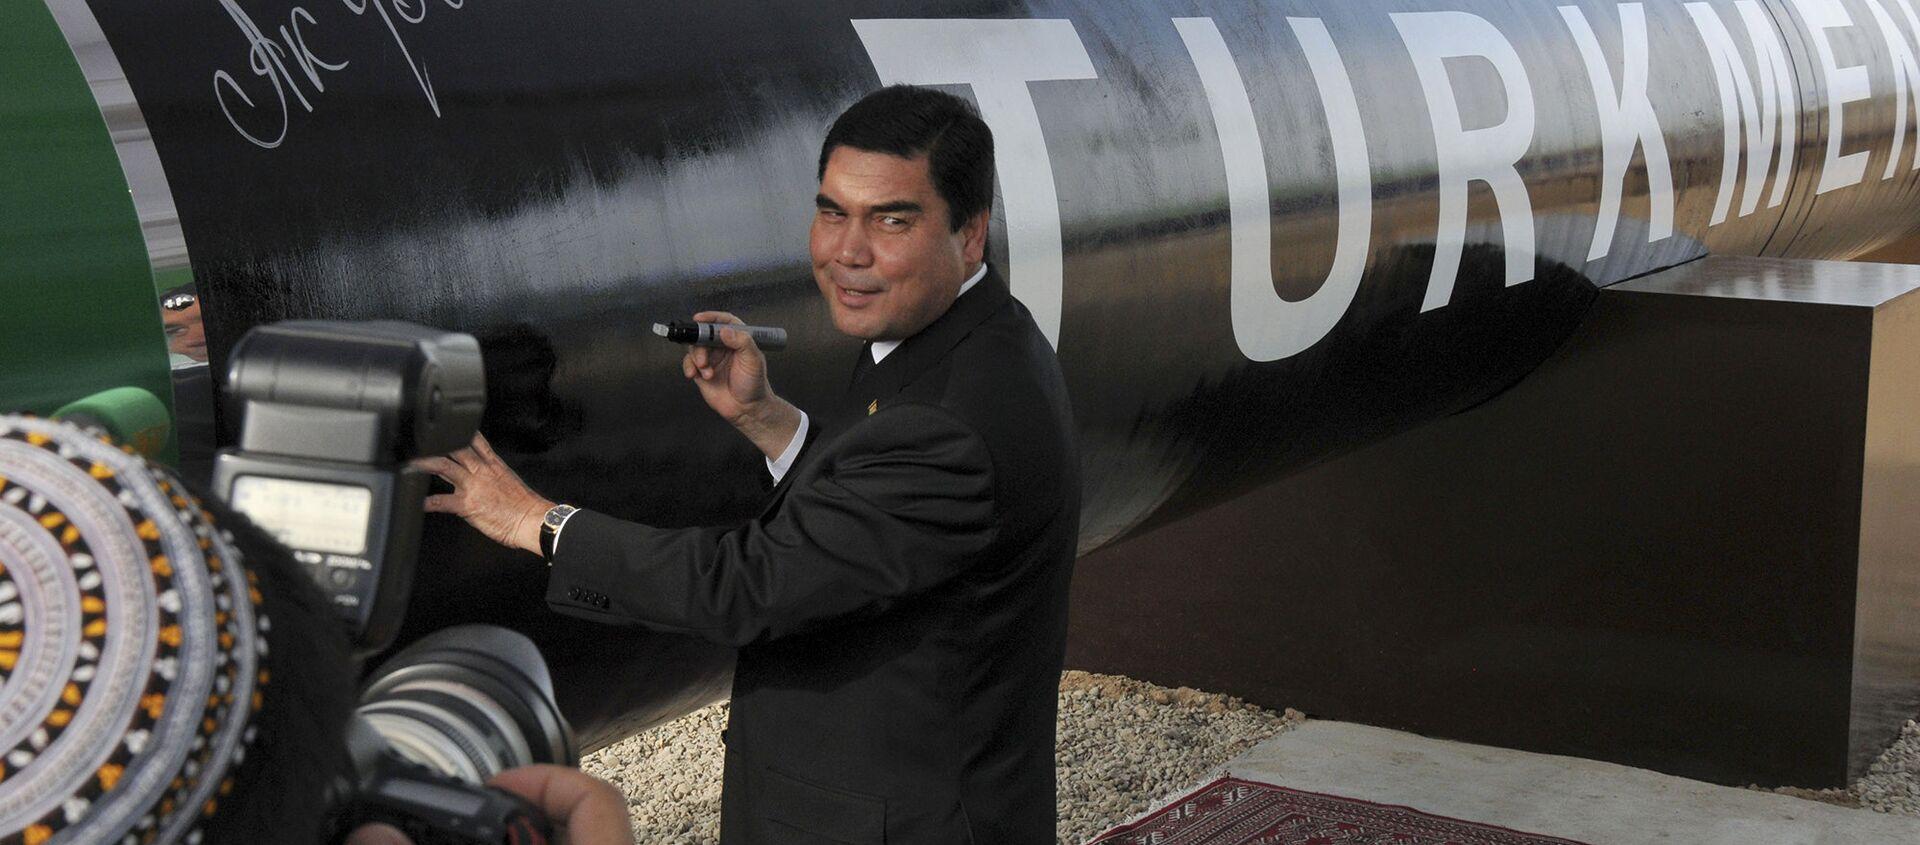 Президент Туркмении Гурбангулы Бердымухамедов у символичной газовой трубы - Sputnik Армения, 1920, 24.03.2021